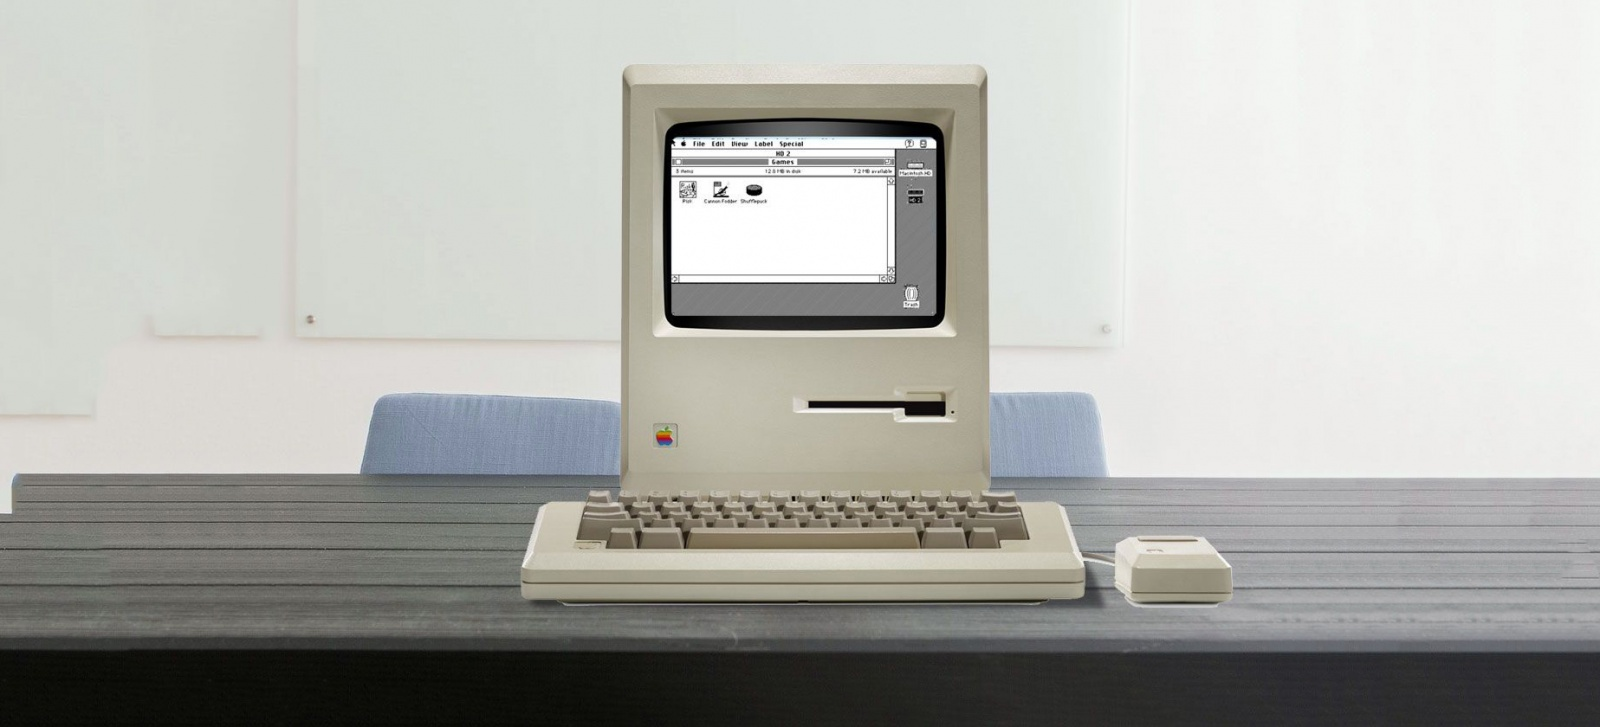 Проект Copland. История крупнейшего провала Apple - 1